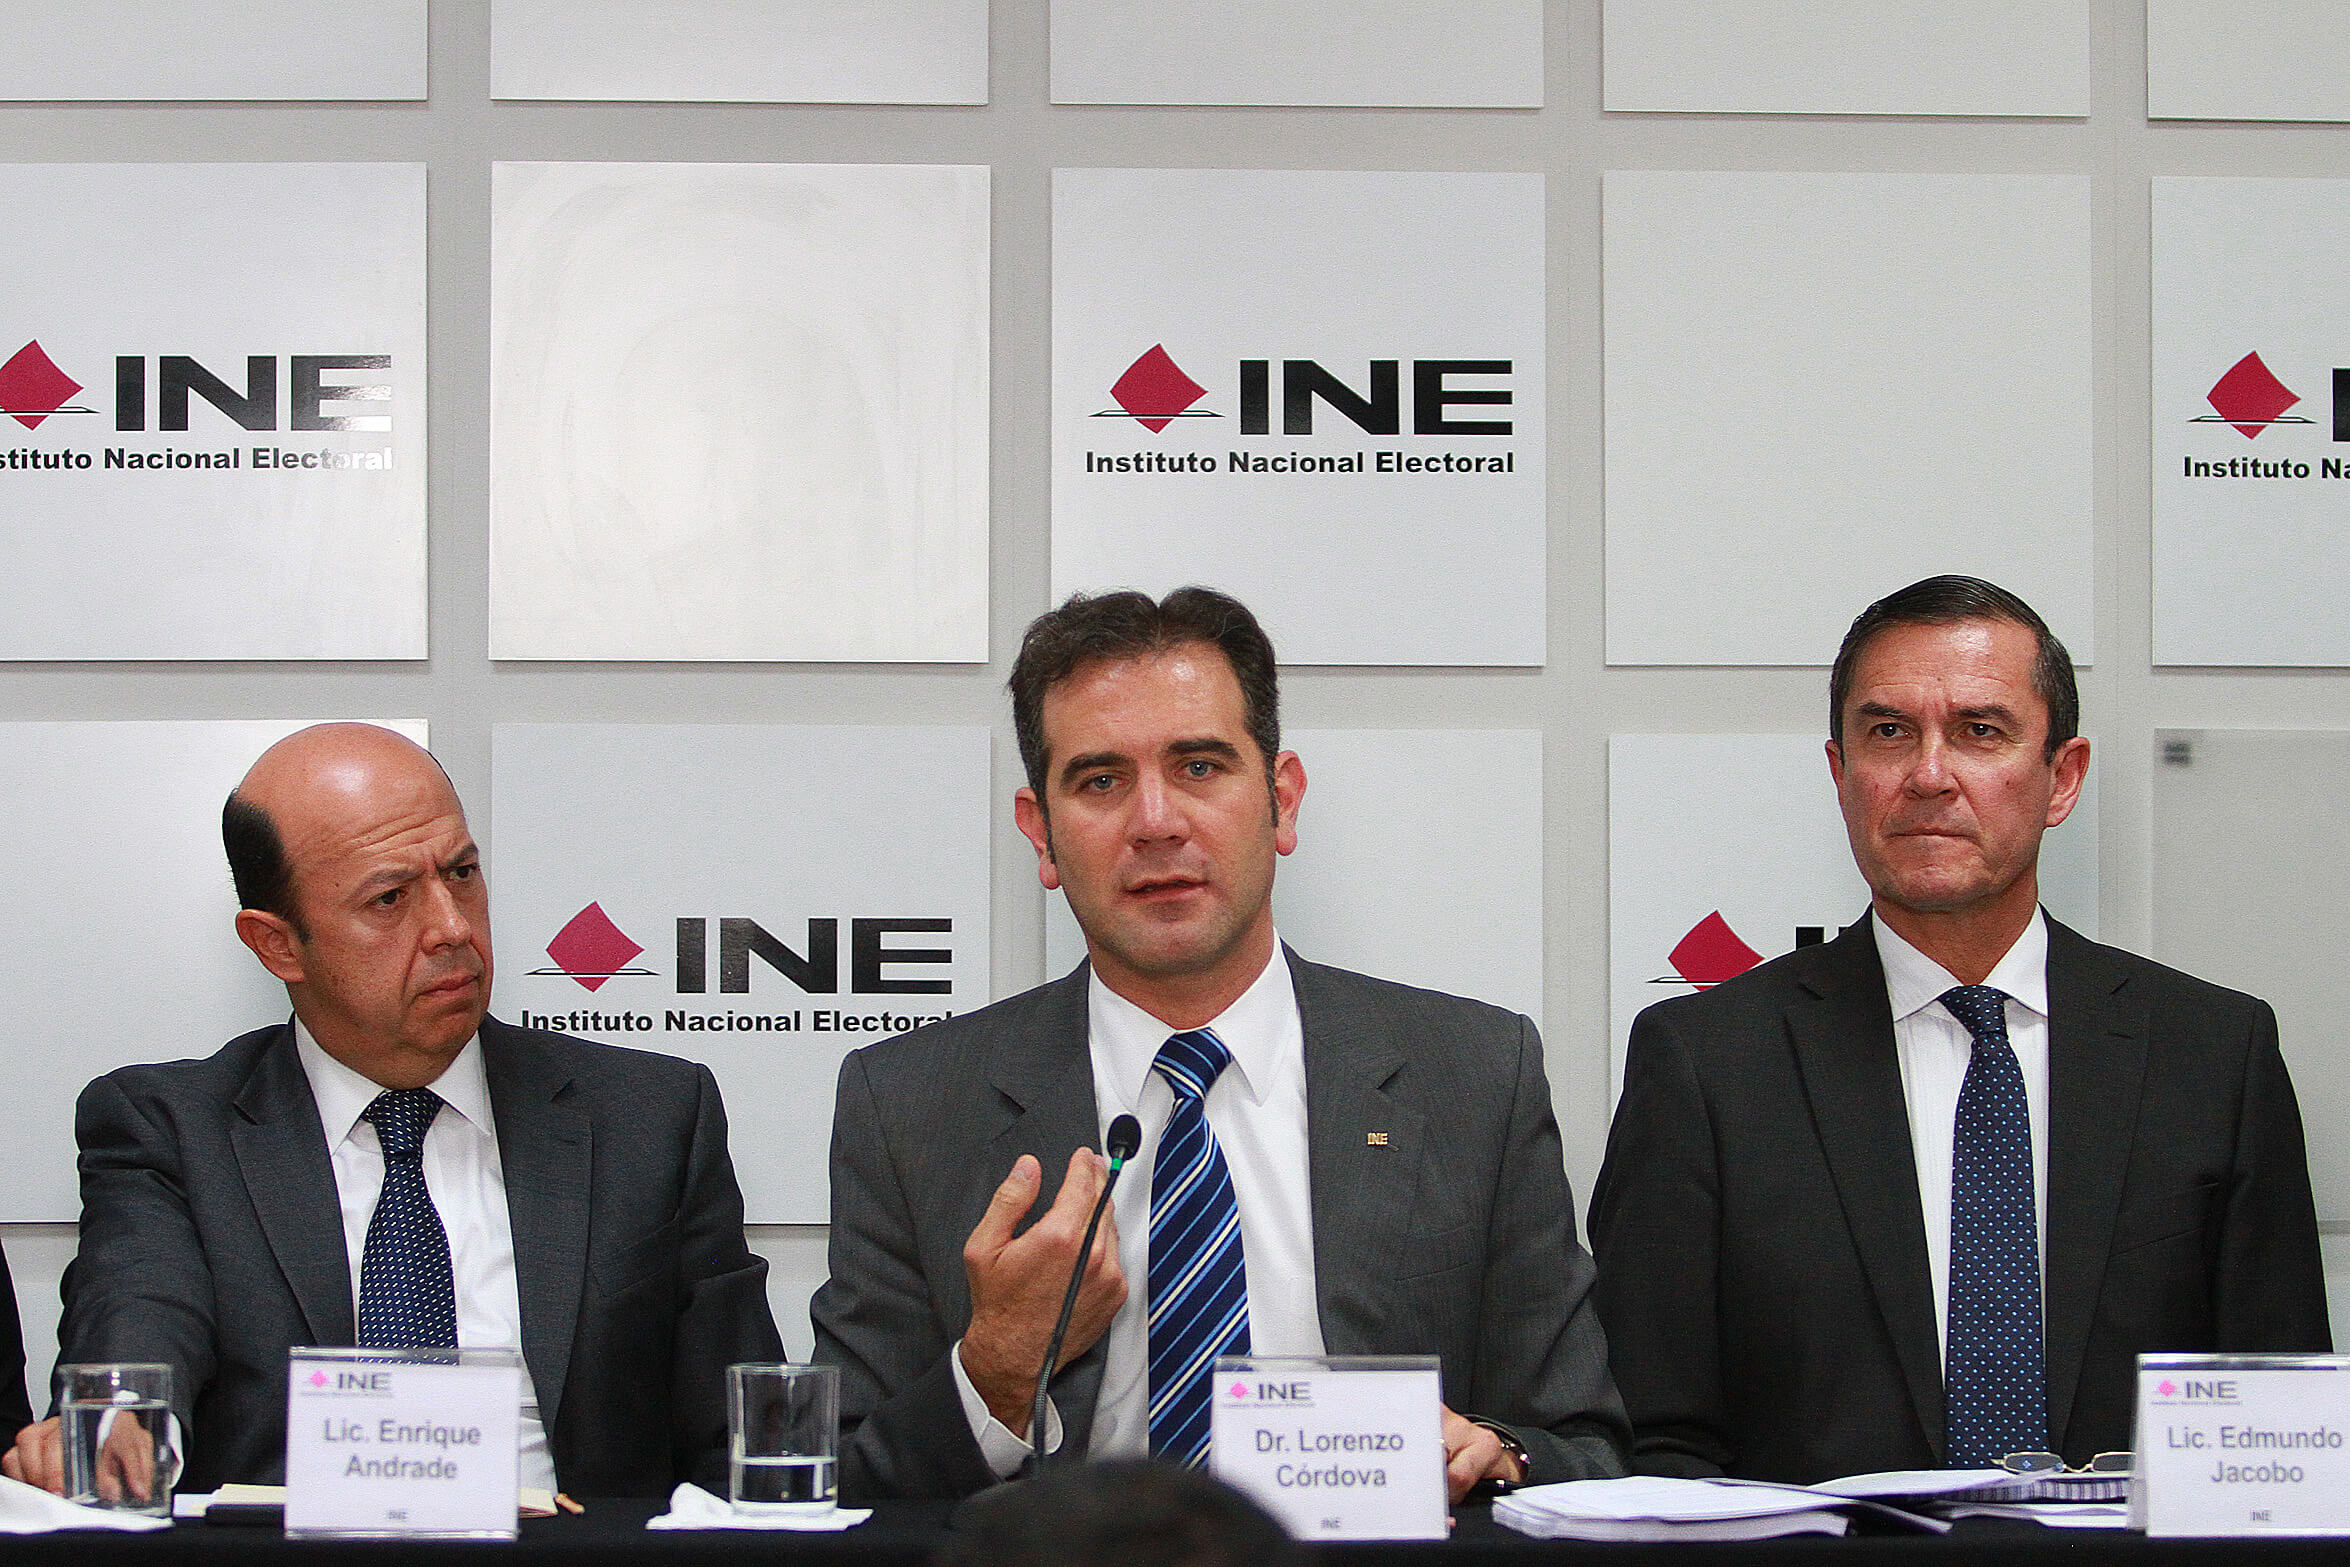 Llega PRI sin su ventaja histórica a elecciones en Edomex